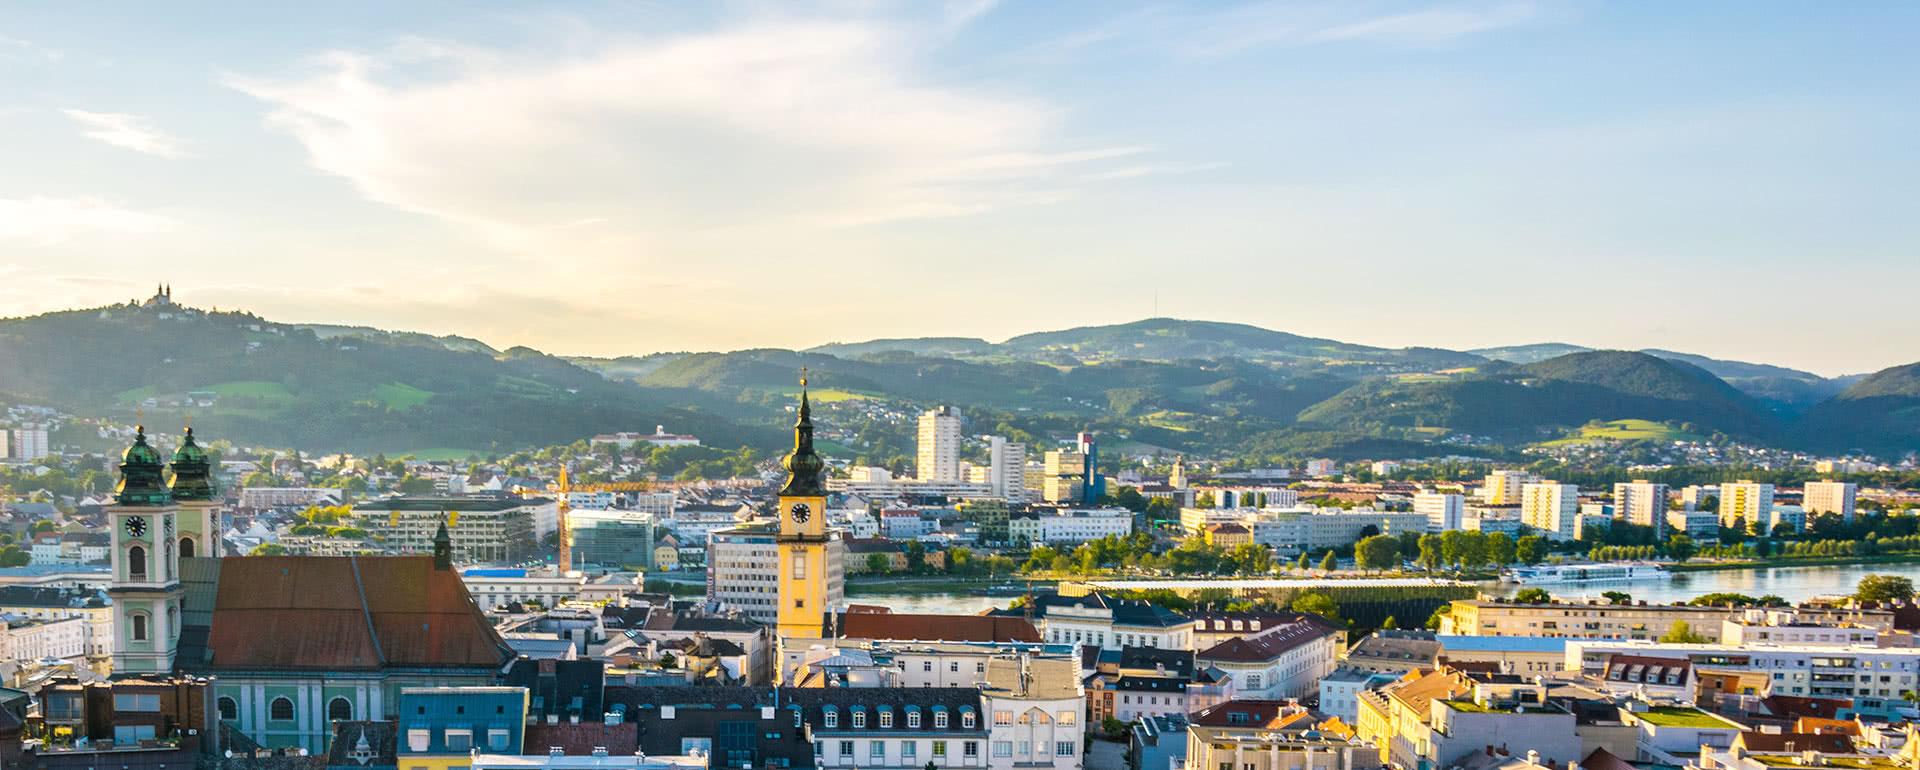 Titelbild von Linz